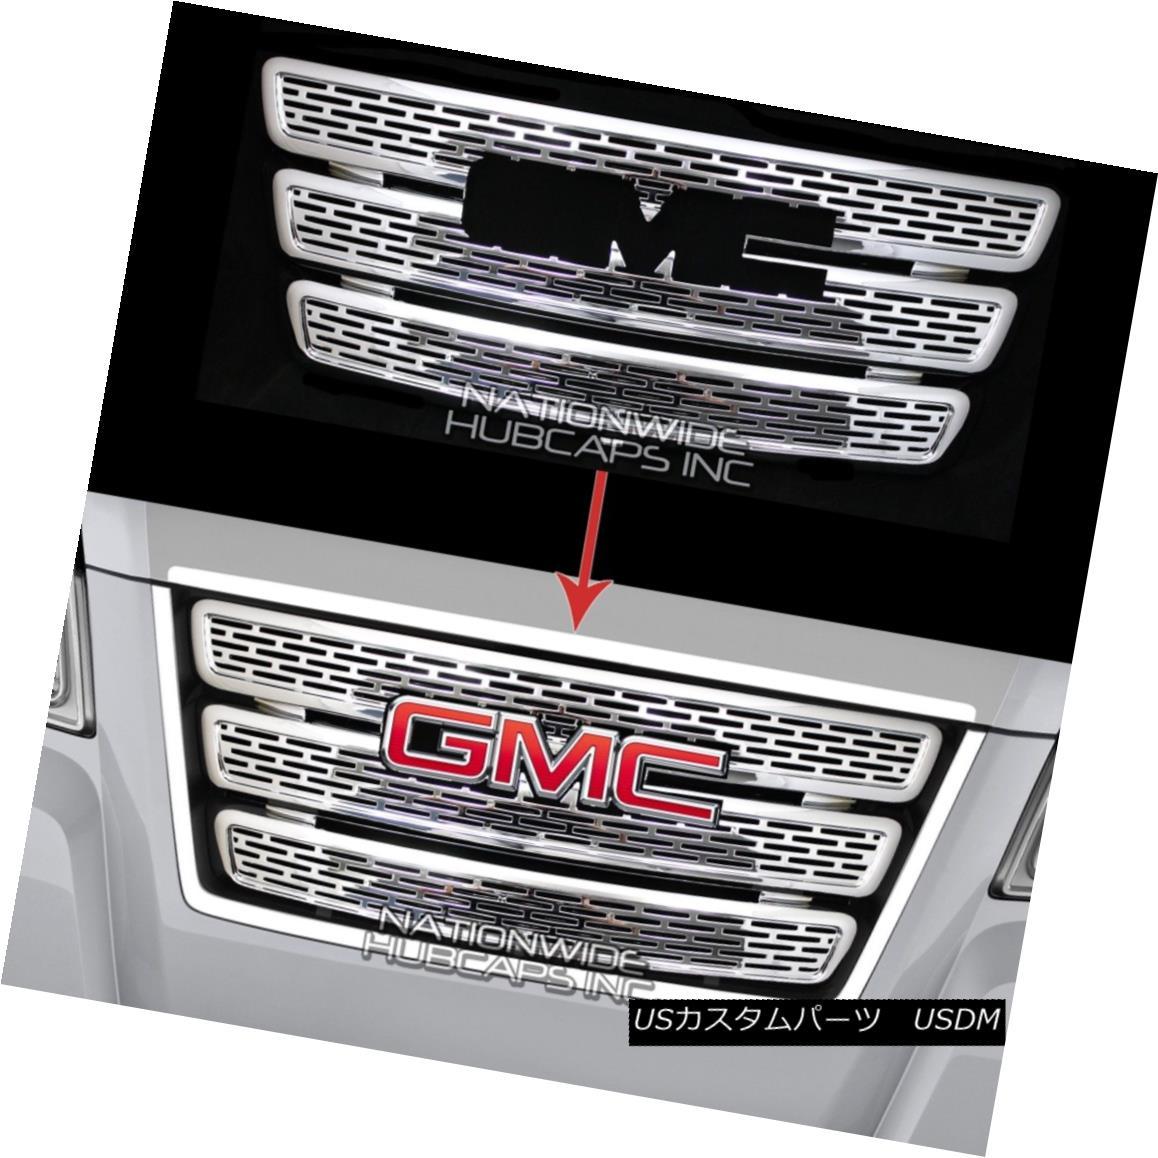 グリル 10-15 GMC TERRAIN CHROME Grille Overlay 3 Bar Grill Inserts Covers Denali Style 10-15 GMC TERRAIN CHROMEグリルオーバーレイ3バーグリルインサートカバーデナリスタイル